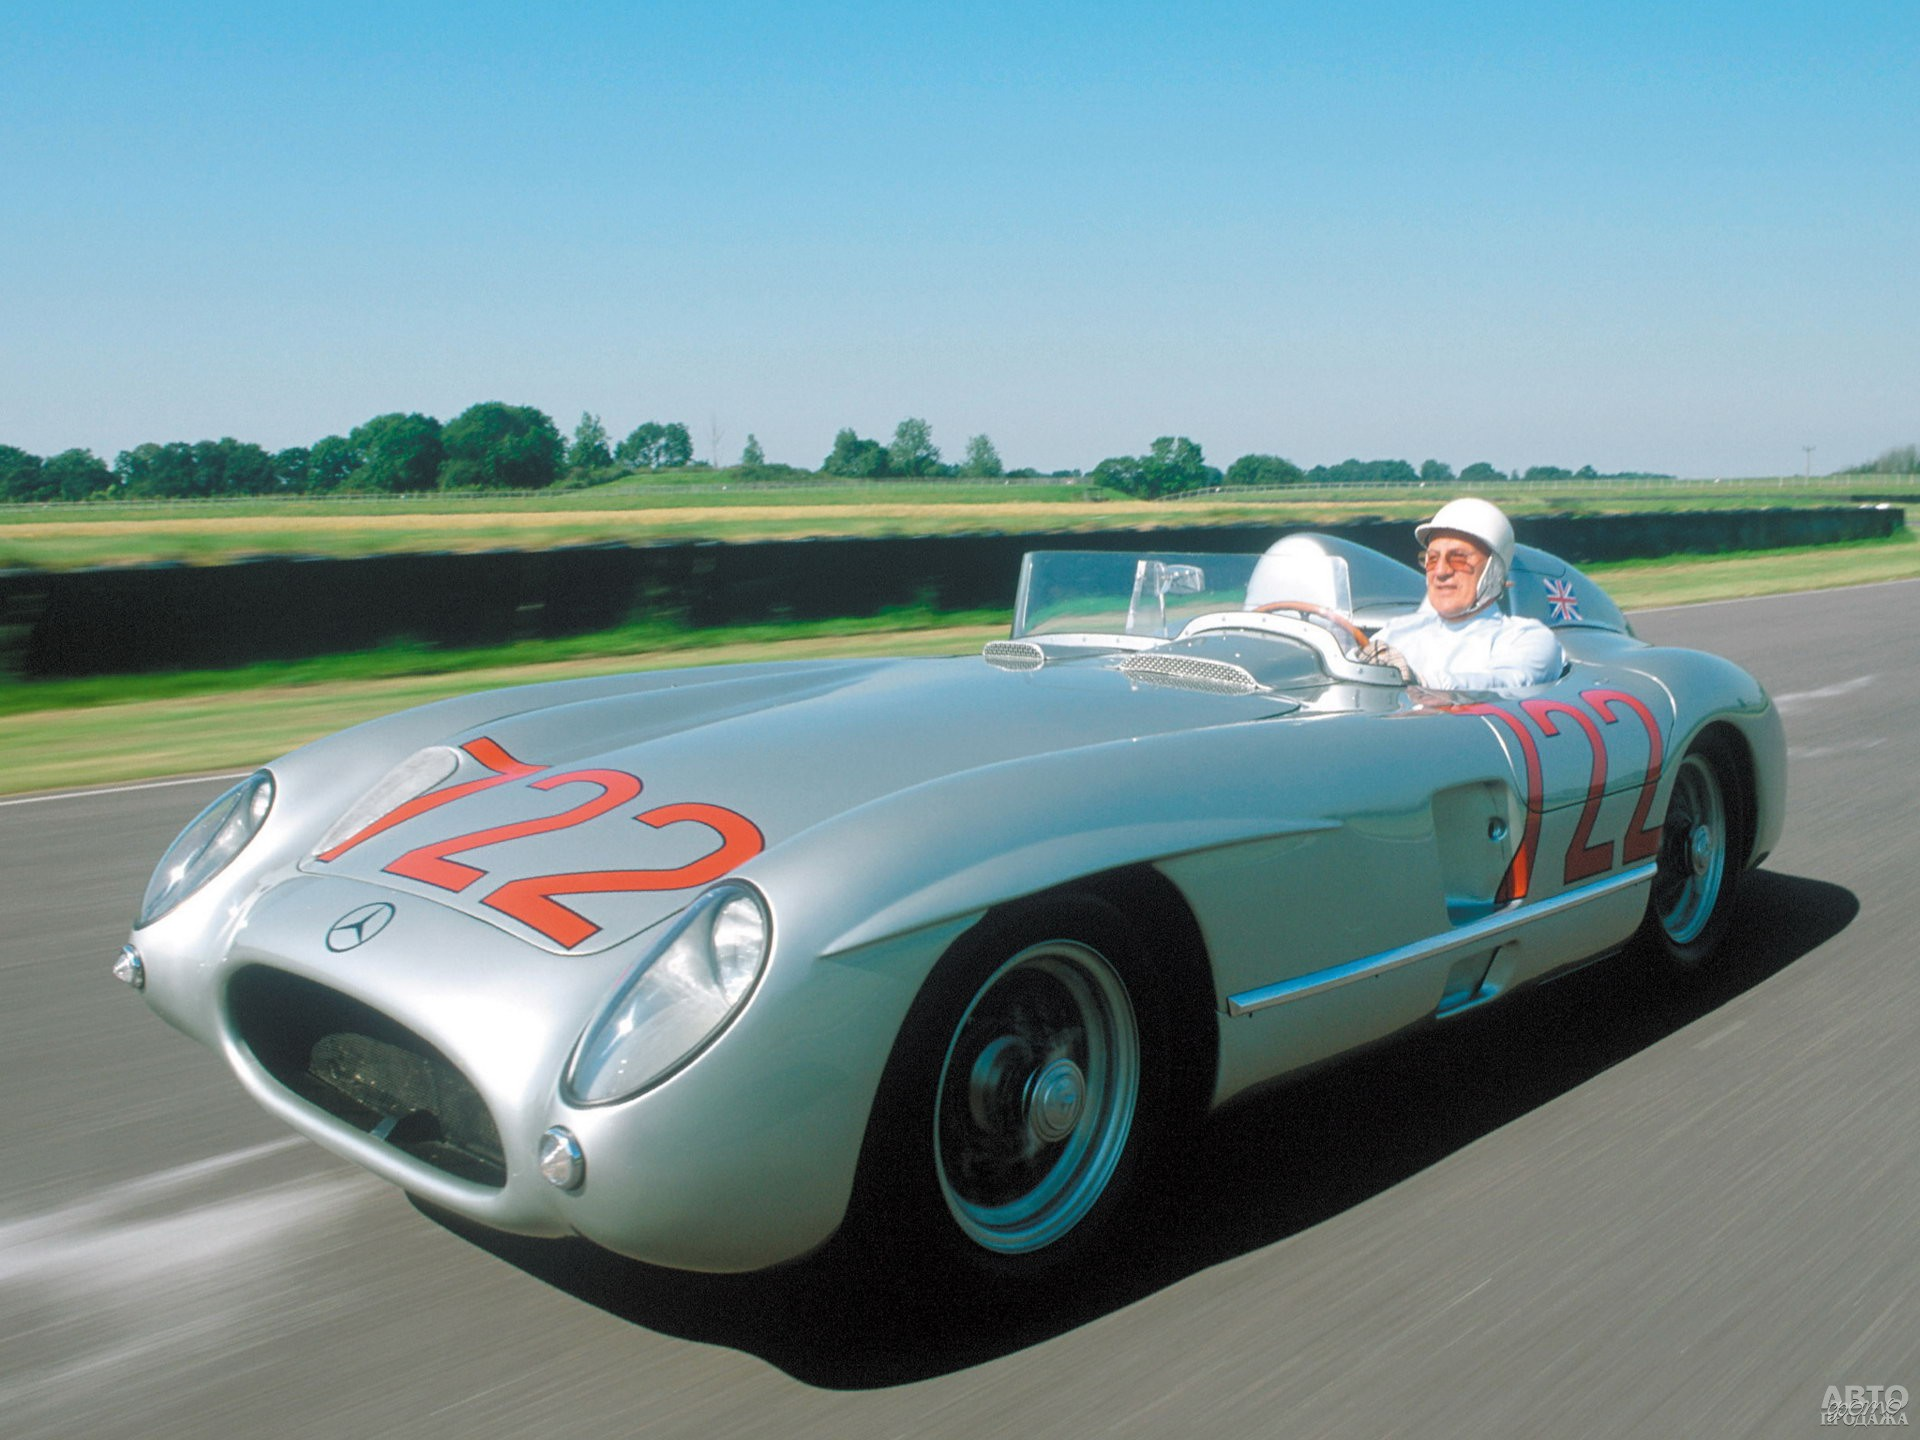 Стирлинг Мосс на Mercedes-Benz 300 SLR выиграл знаменитую гонку Mille Miglia